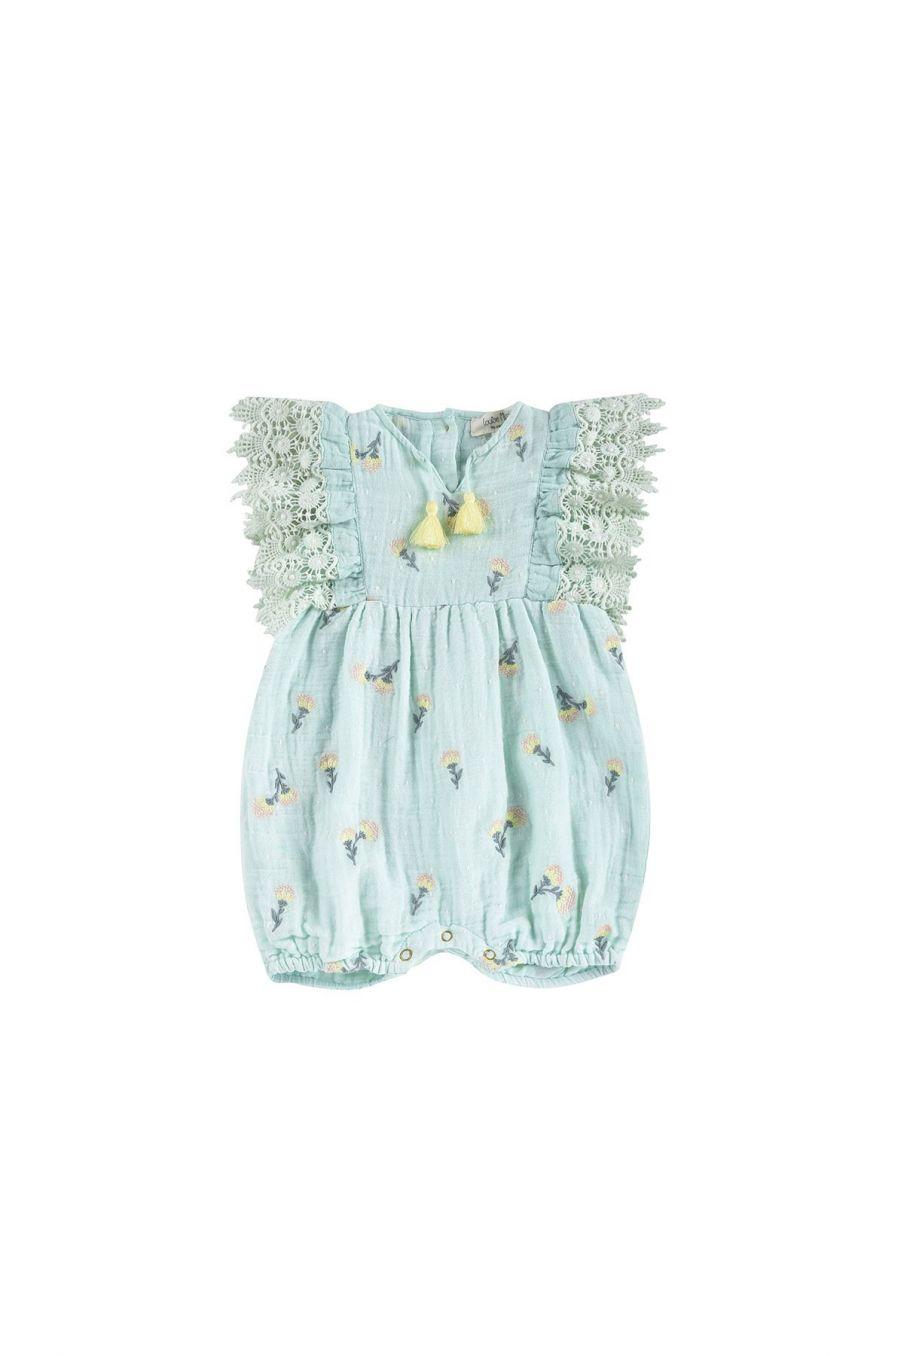 boheme chic vintage combinaison bébé fille agaro almond dandelion flowers